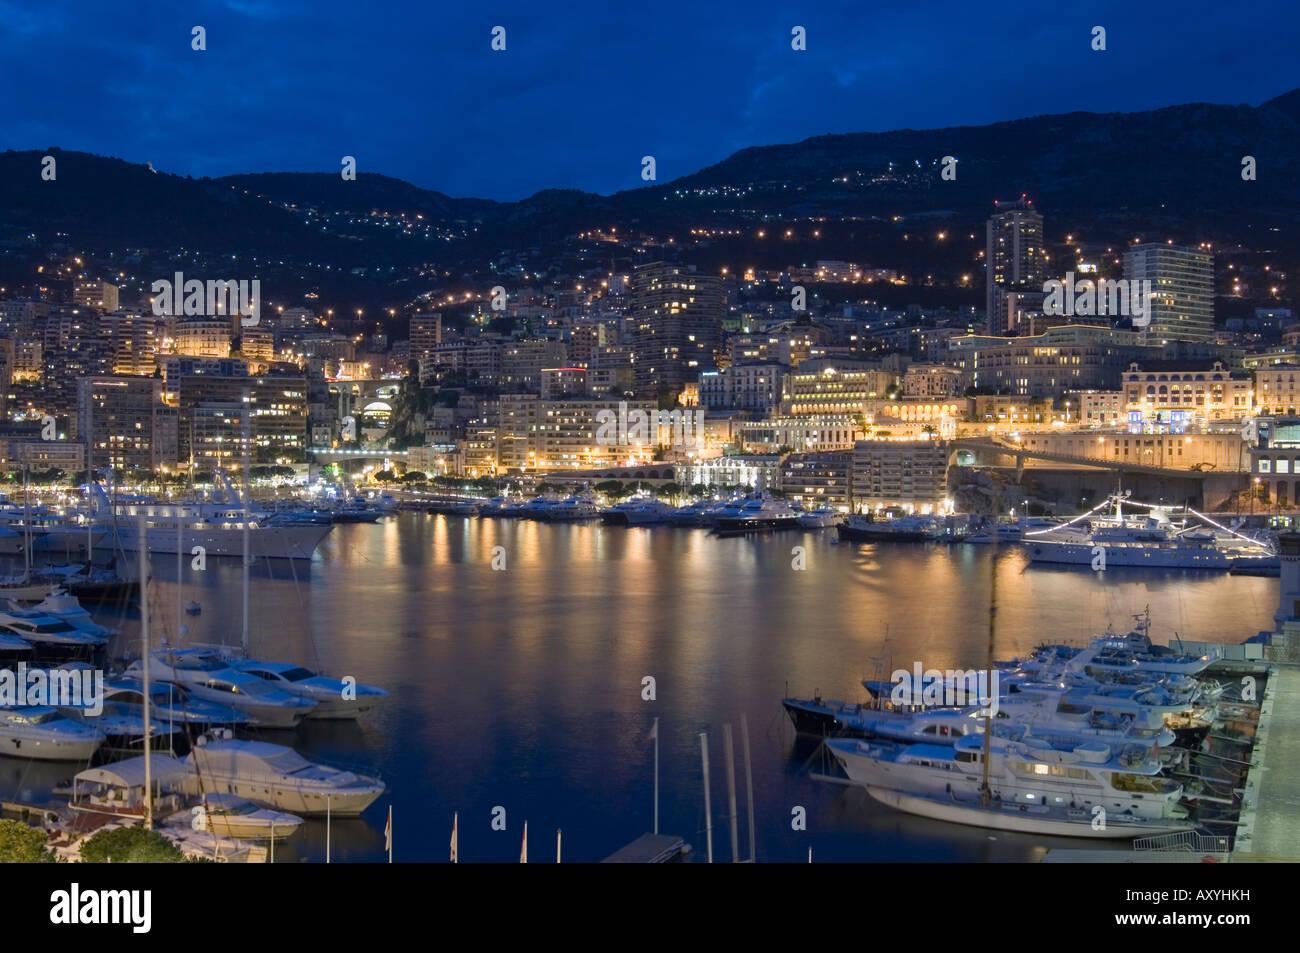 Lungomare di notte, Monte Carlo, il Principato di Monaco, Cote d'Azur, Mediterraneo, Europa Immagini Stock